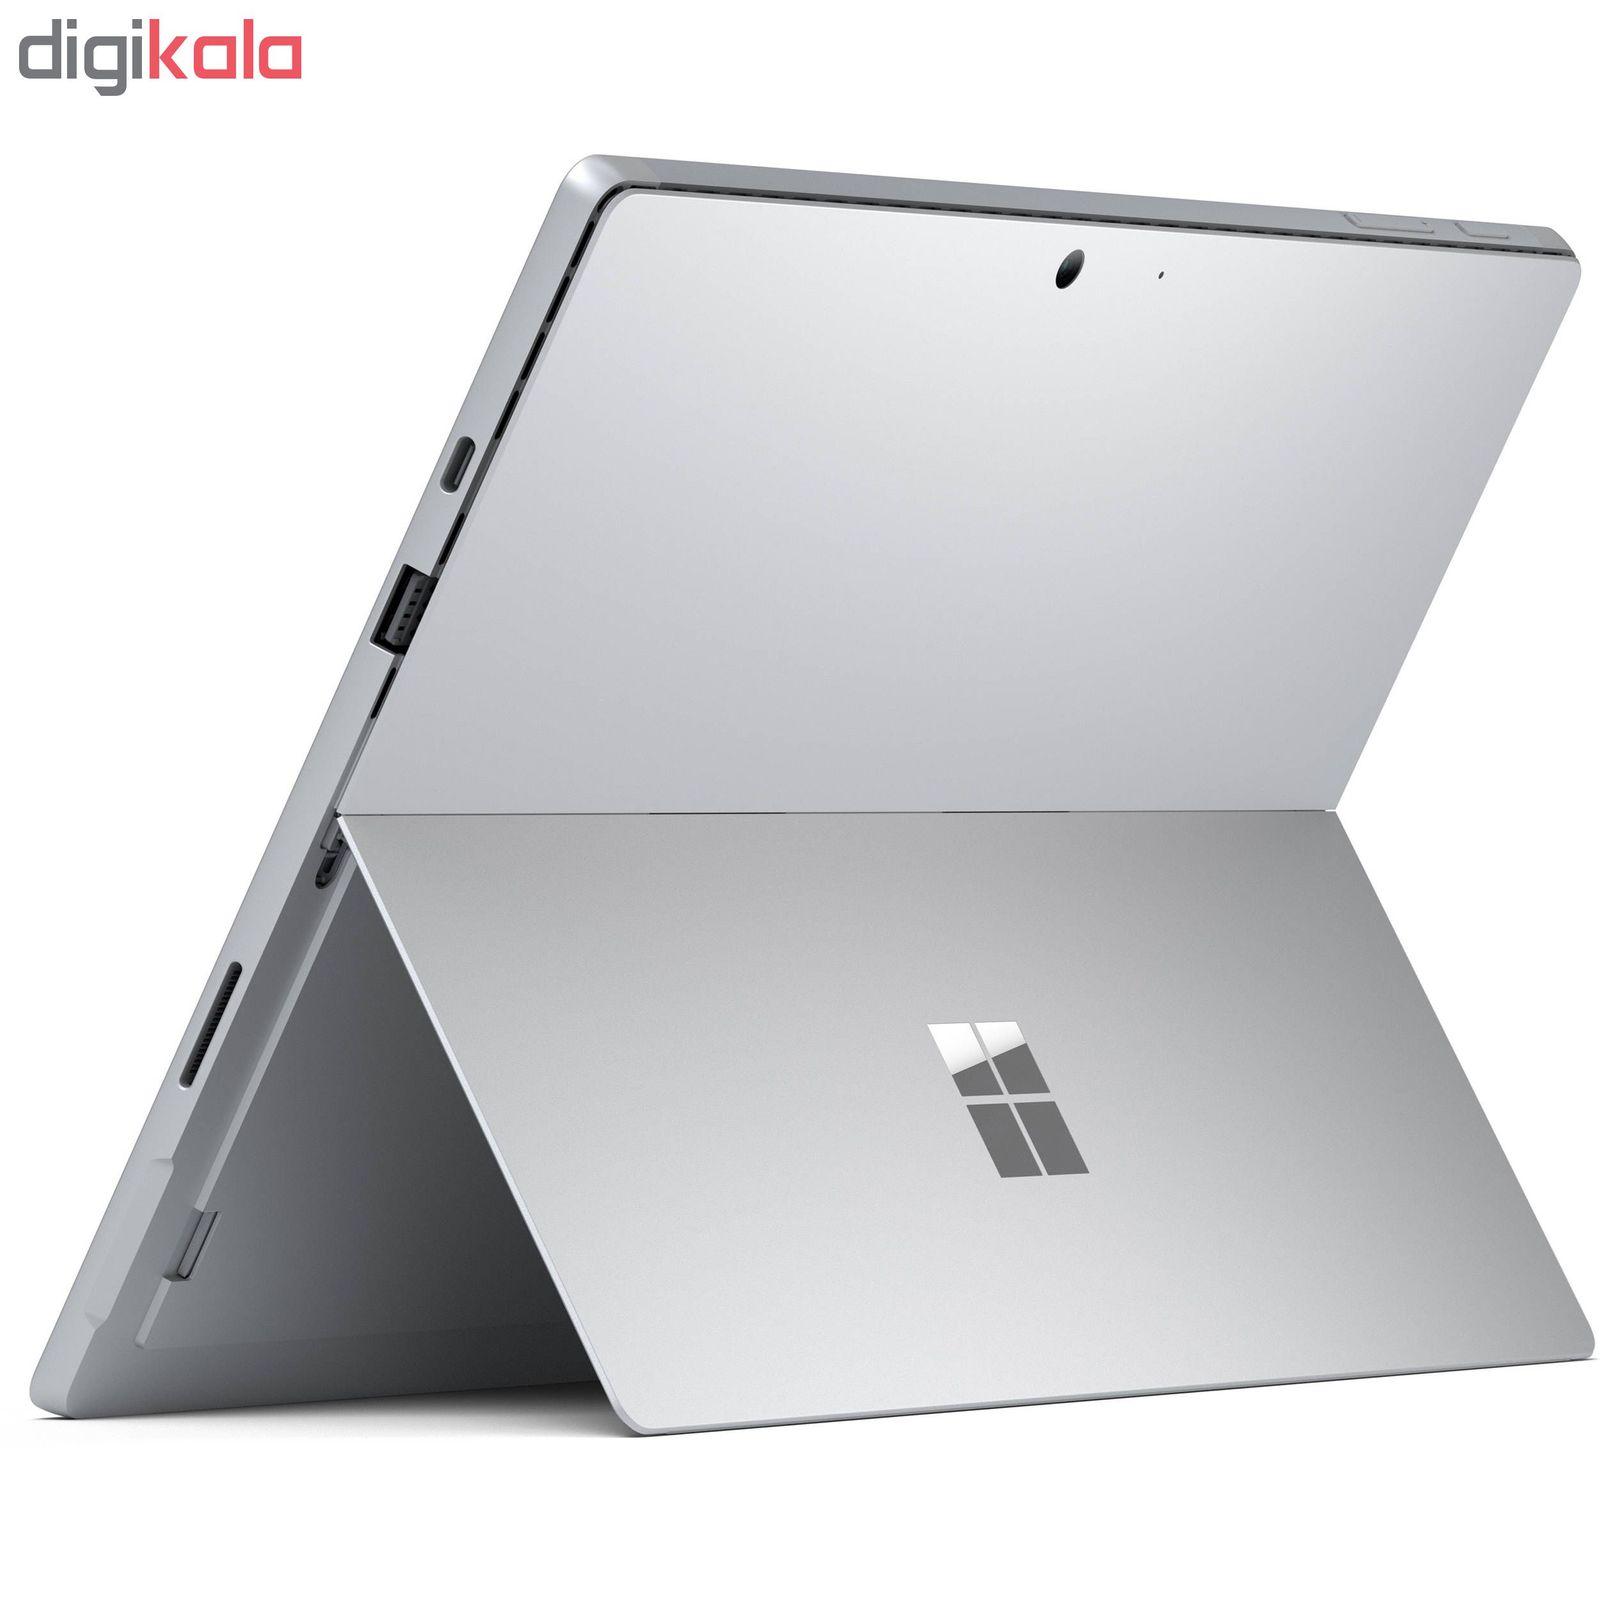 تبلت مایکروسافت مدل Surface Pro 7 - A ظرفیت 128 گیگابایت main 1 2